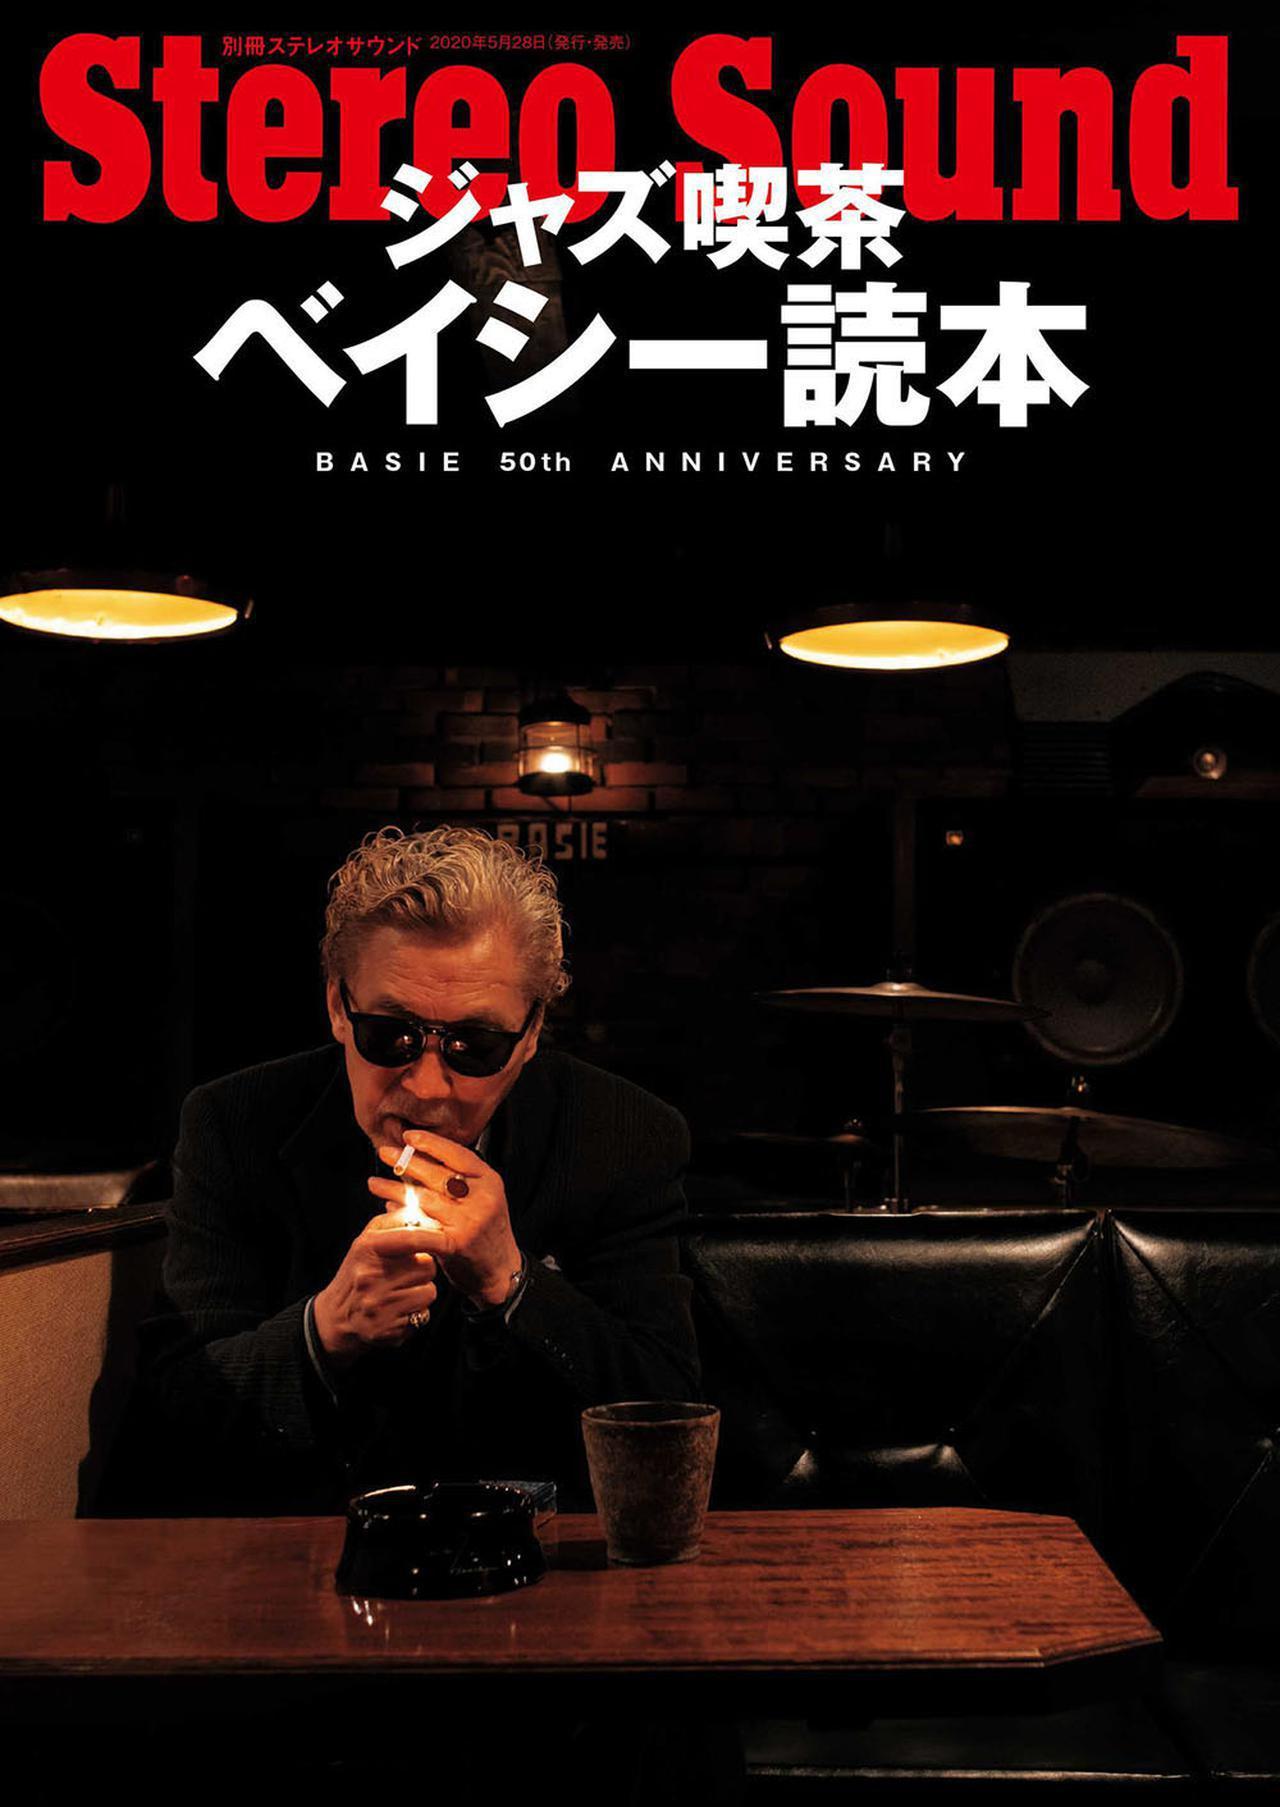 画像: ステレオサウンド別冊「ジャズ喫茶ベイシー読本 BASIE 50th Anniversary」は¥2,970(税込)で絶賛発売中です。ぜひ関連リンクからお求め下さい www.stereosound-store.jp